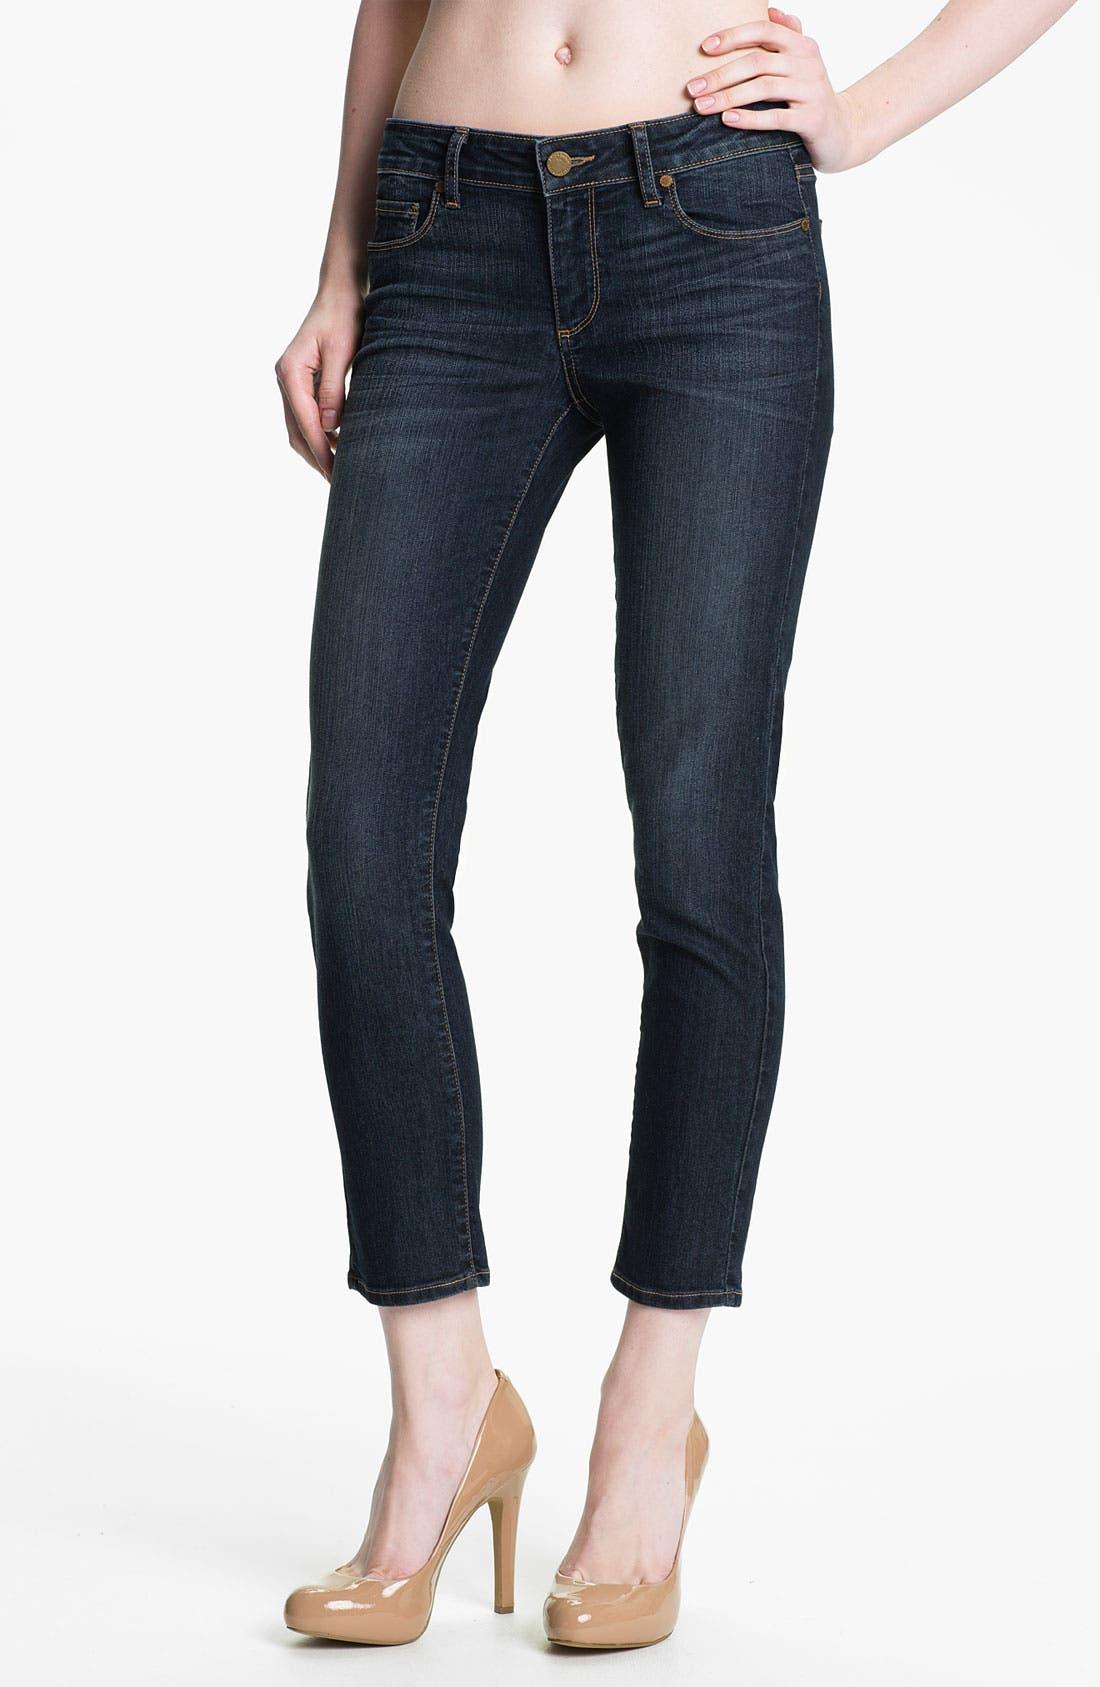 Alternate Image 1 Selected - Paige Denim 'Kylie' Crop Skinny Jeans (Sedona)